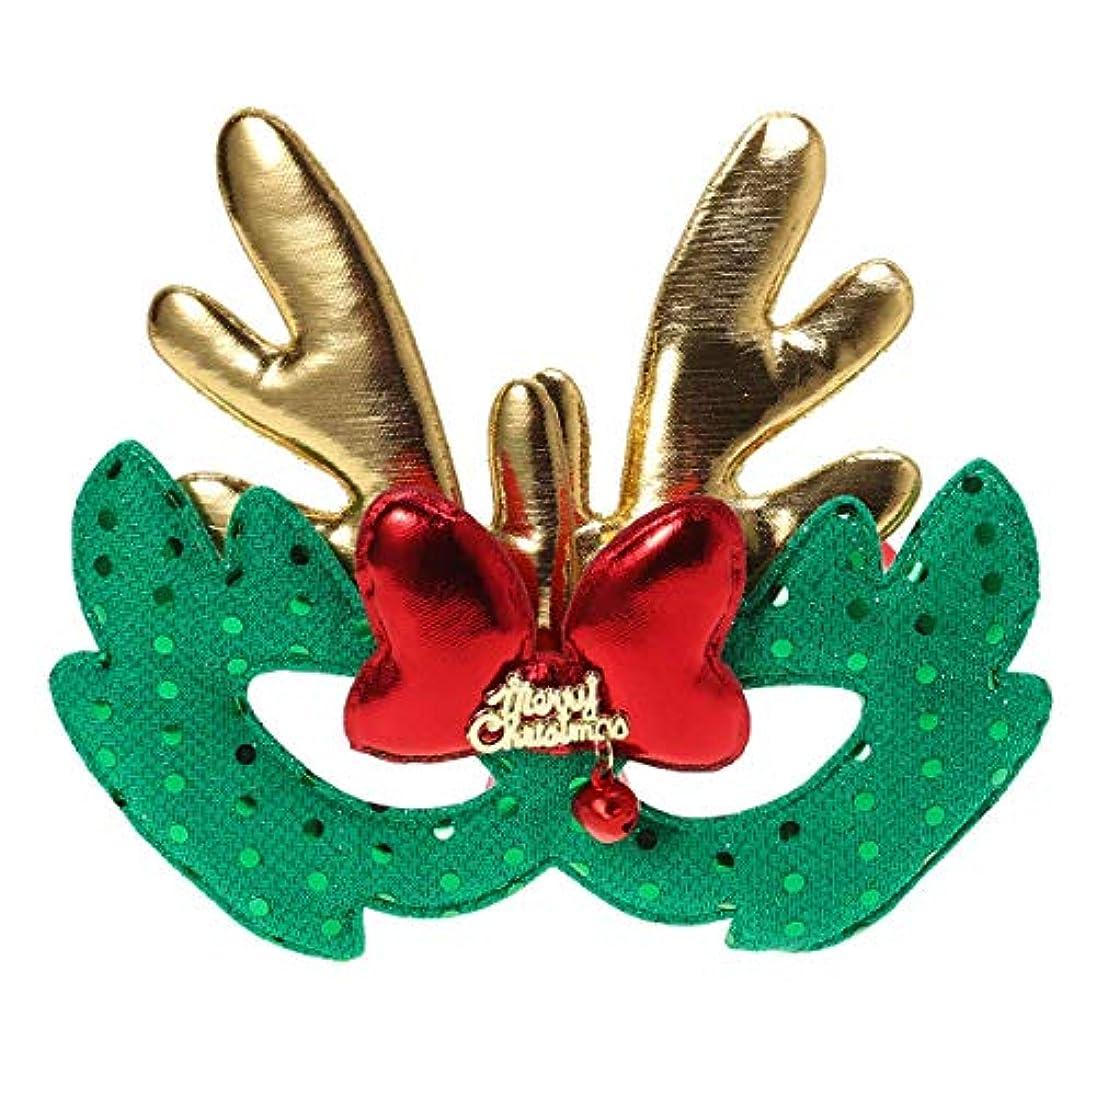 決して労働者怪しいBESTOYARD エルククリスマスコスチュームマスク布マスク子供大人コスプレクリスマスパーティーグリーン